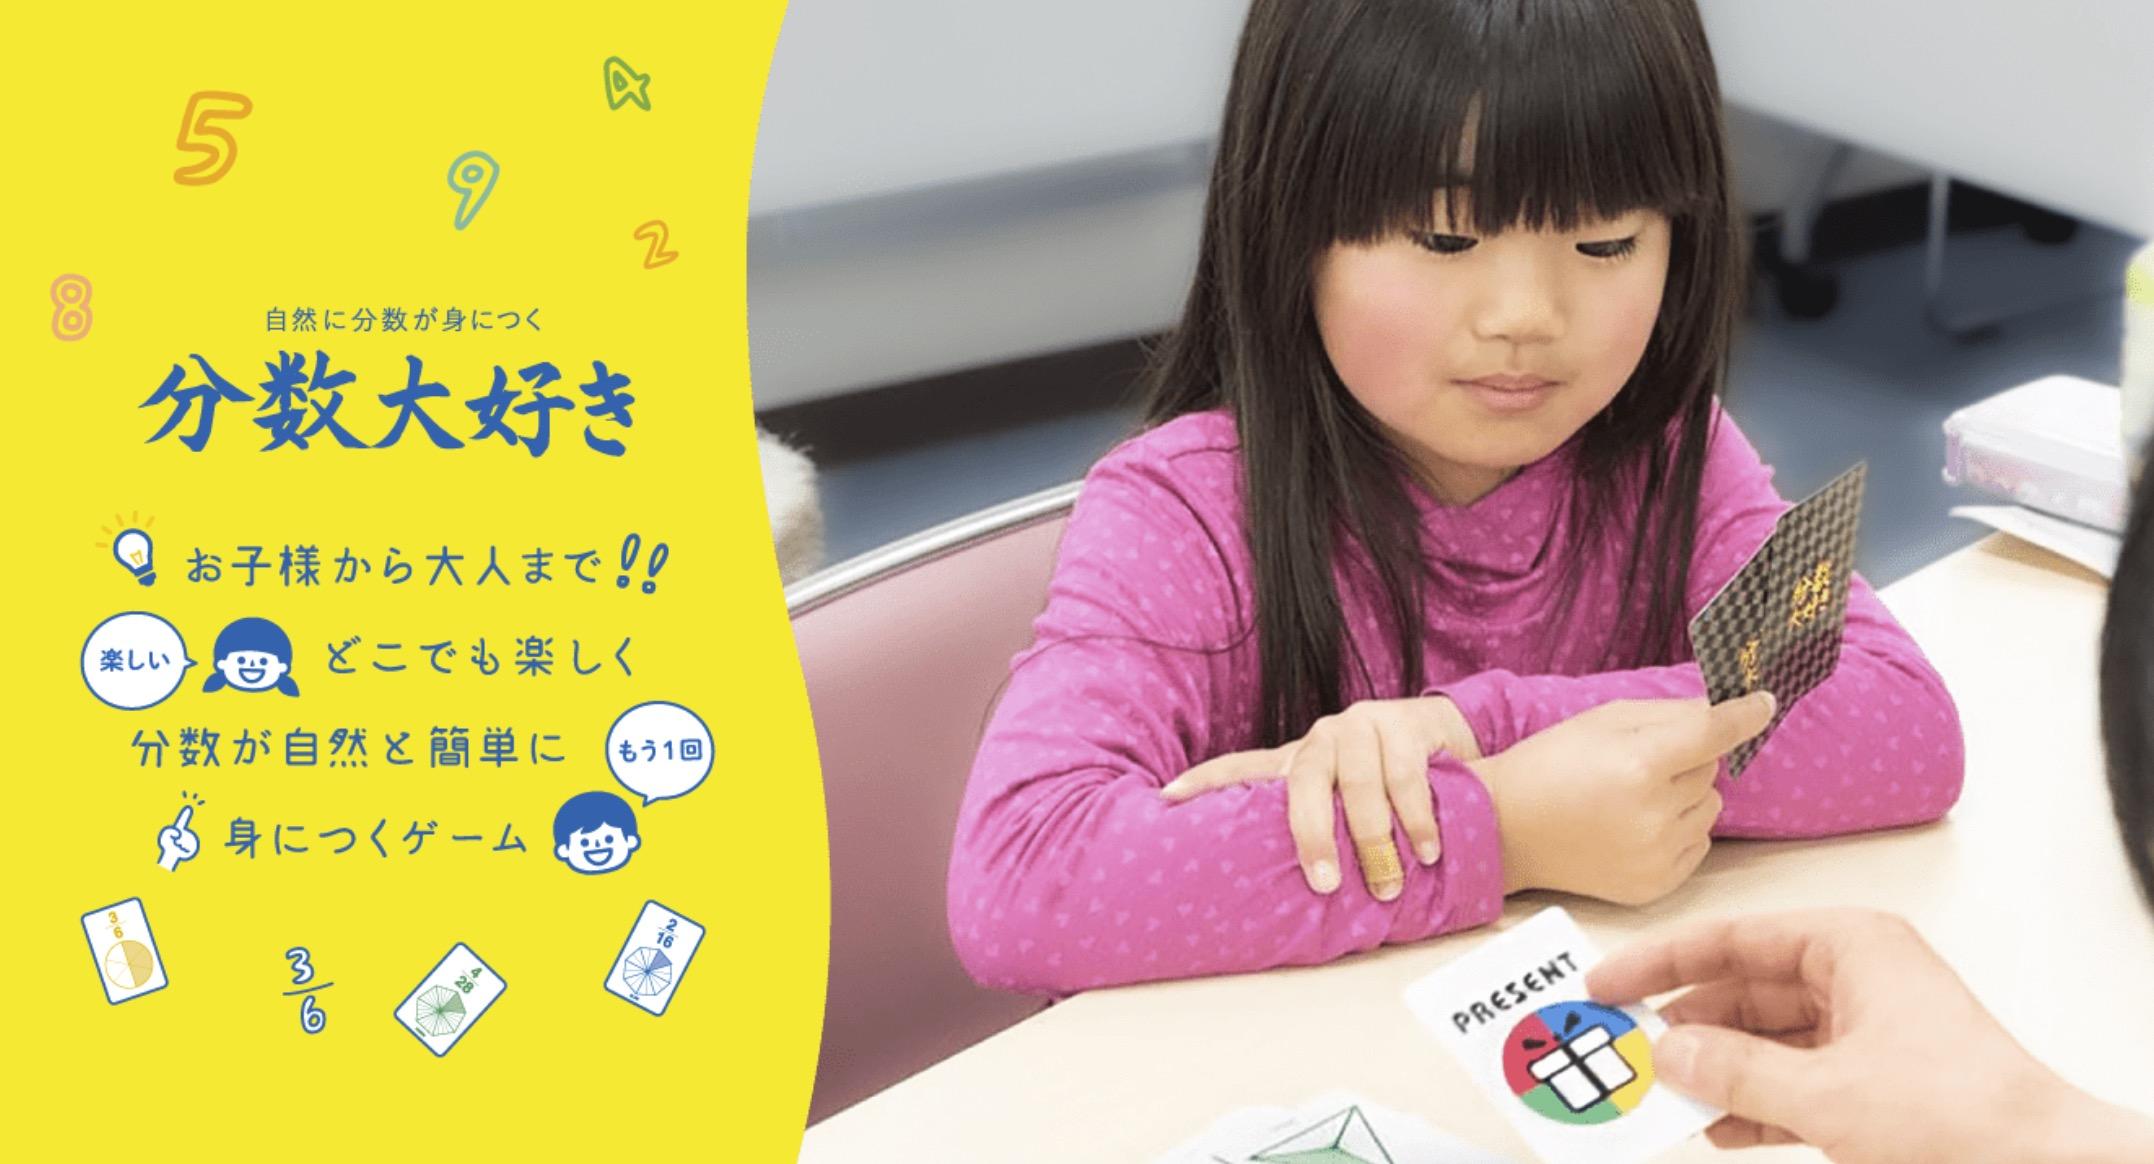 遊びながら分数を学習できるカードゲーム「分数大好き」